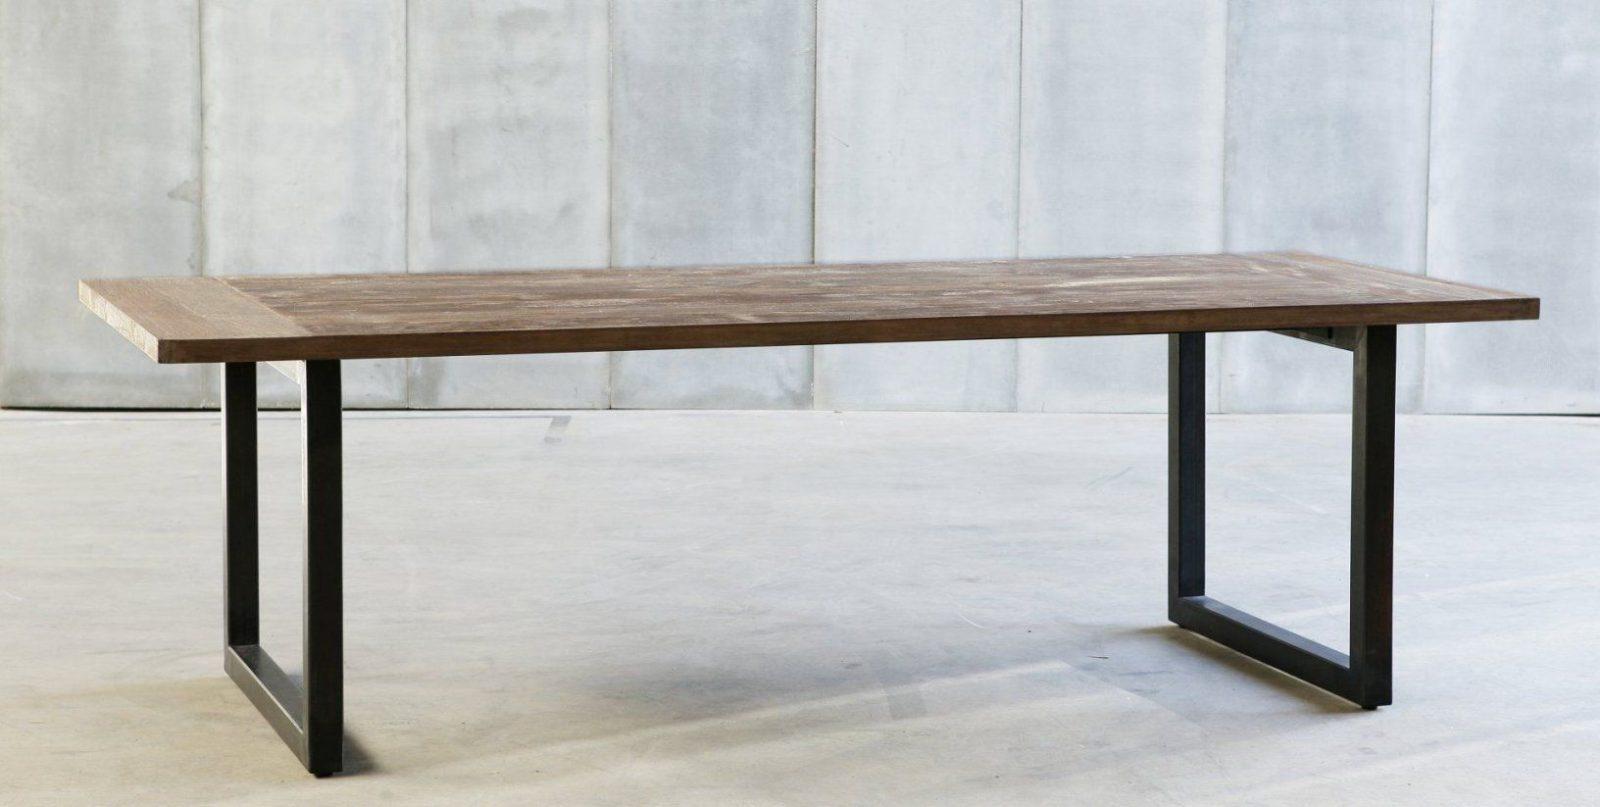 Esstisch Metallgestell Holzplatte  Opstartbaan von Tisch Mit Metallgestell Und Holzplatte Photo